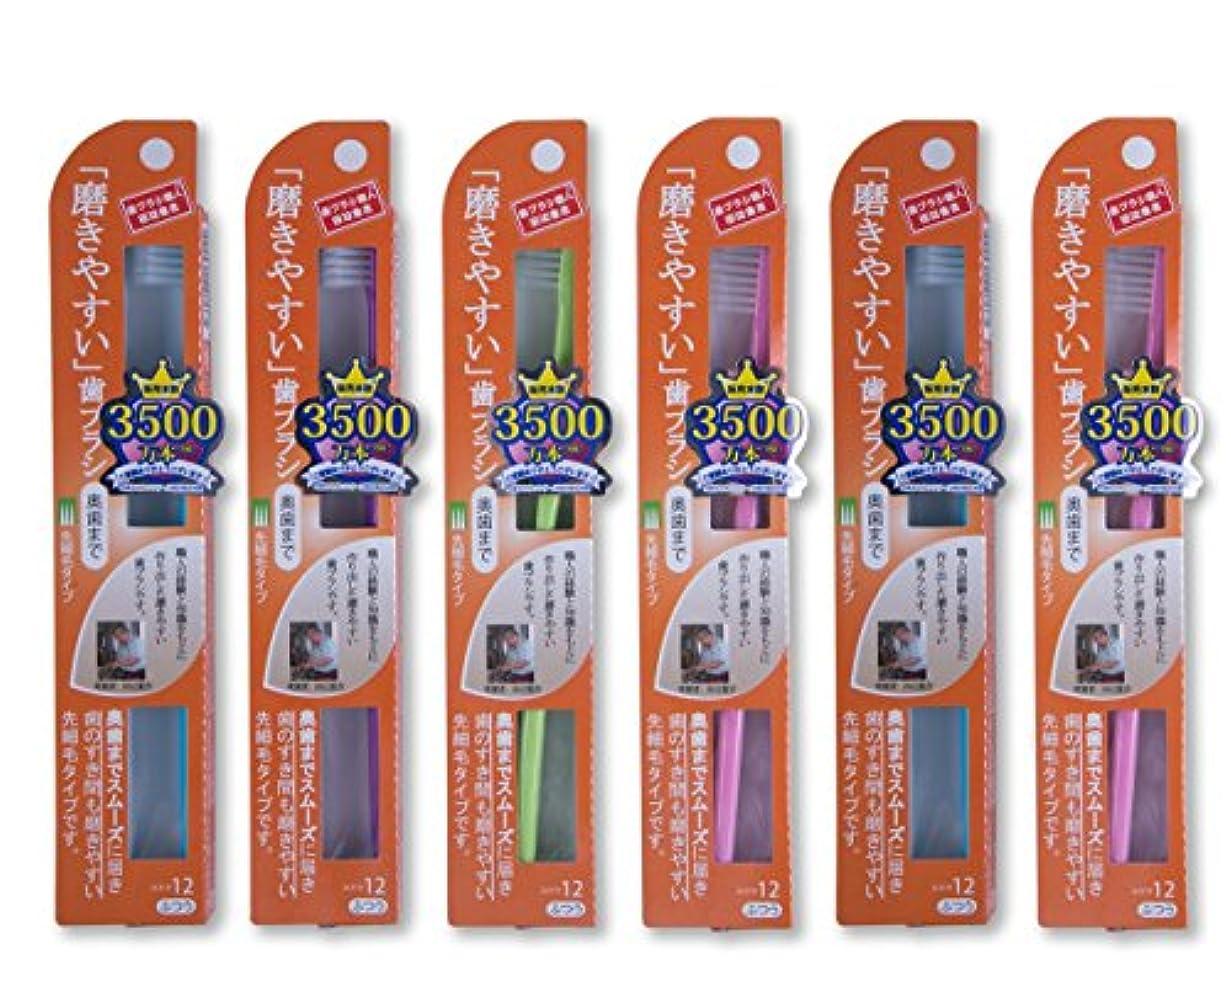 余裕がある任命マイクロプロセッサ歯ブラシ職人® Artooth® 田辺重吉 磨きやすい歯ブラシ(奥歯まで)先細 LT-12(6本入)